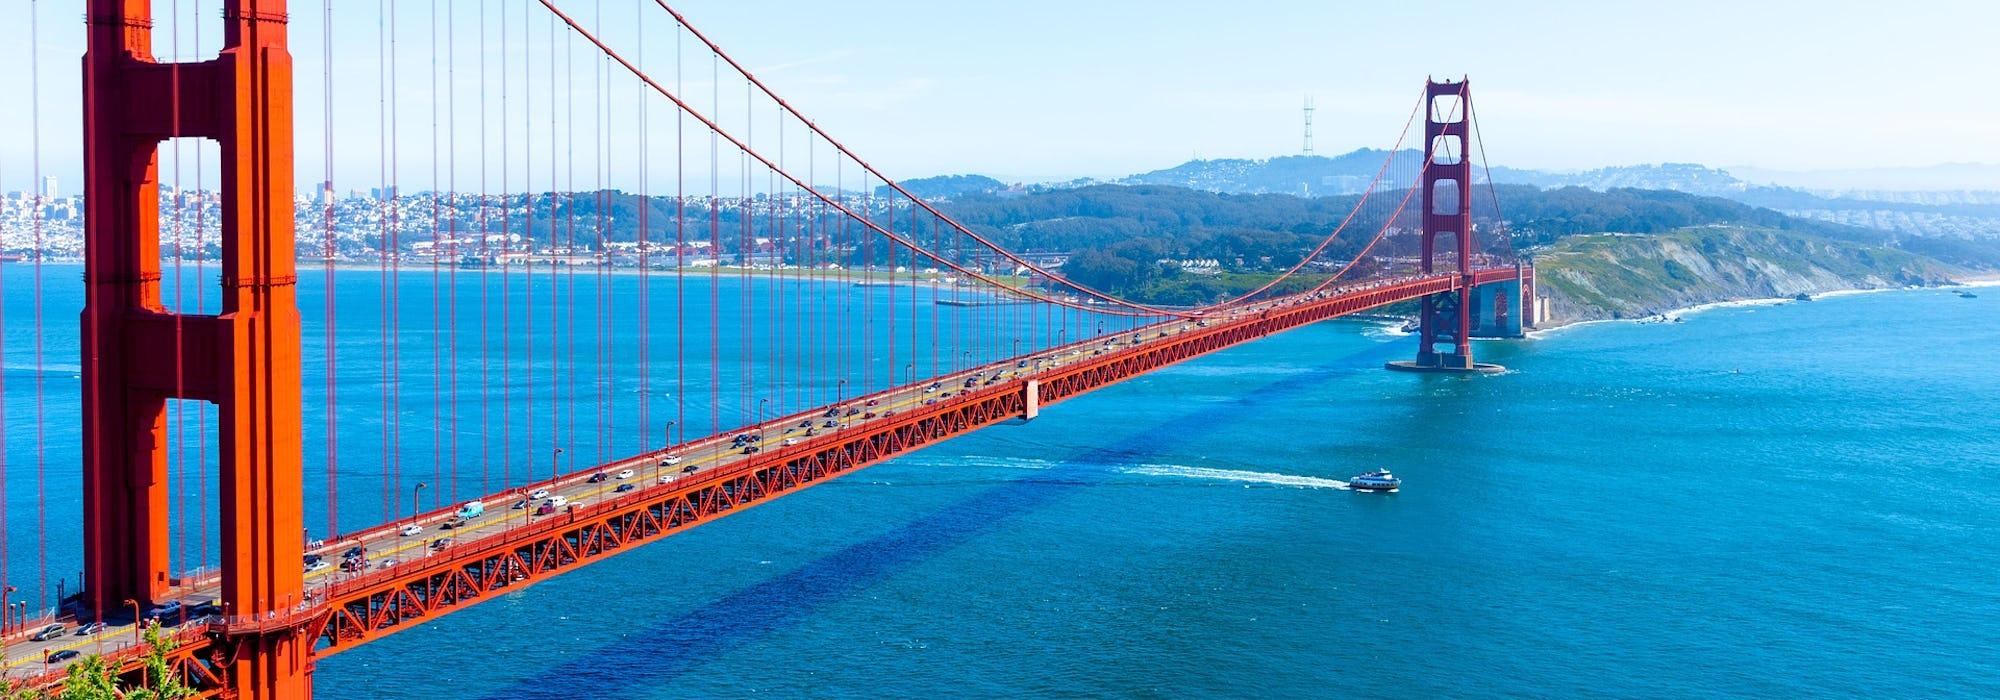 Vy snett uppifrån på den ikoniska och röda Golden Gate-bron i San Francisco.